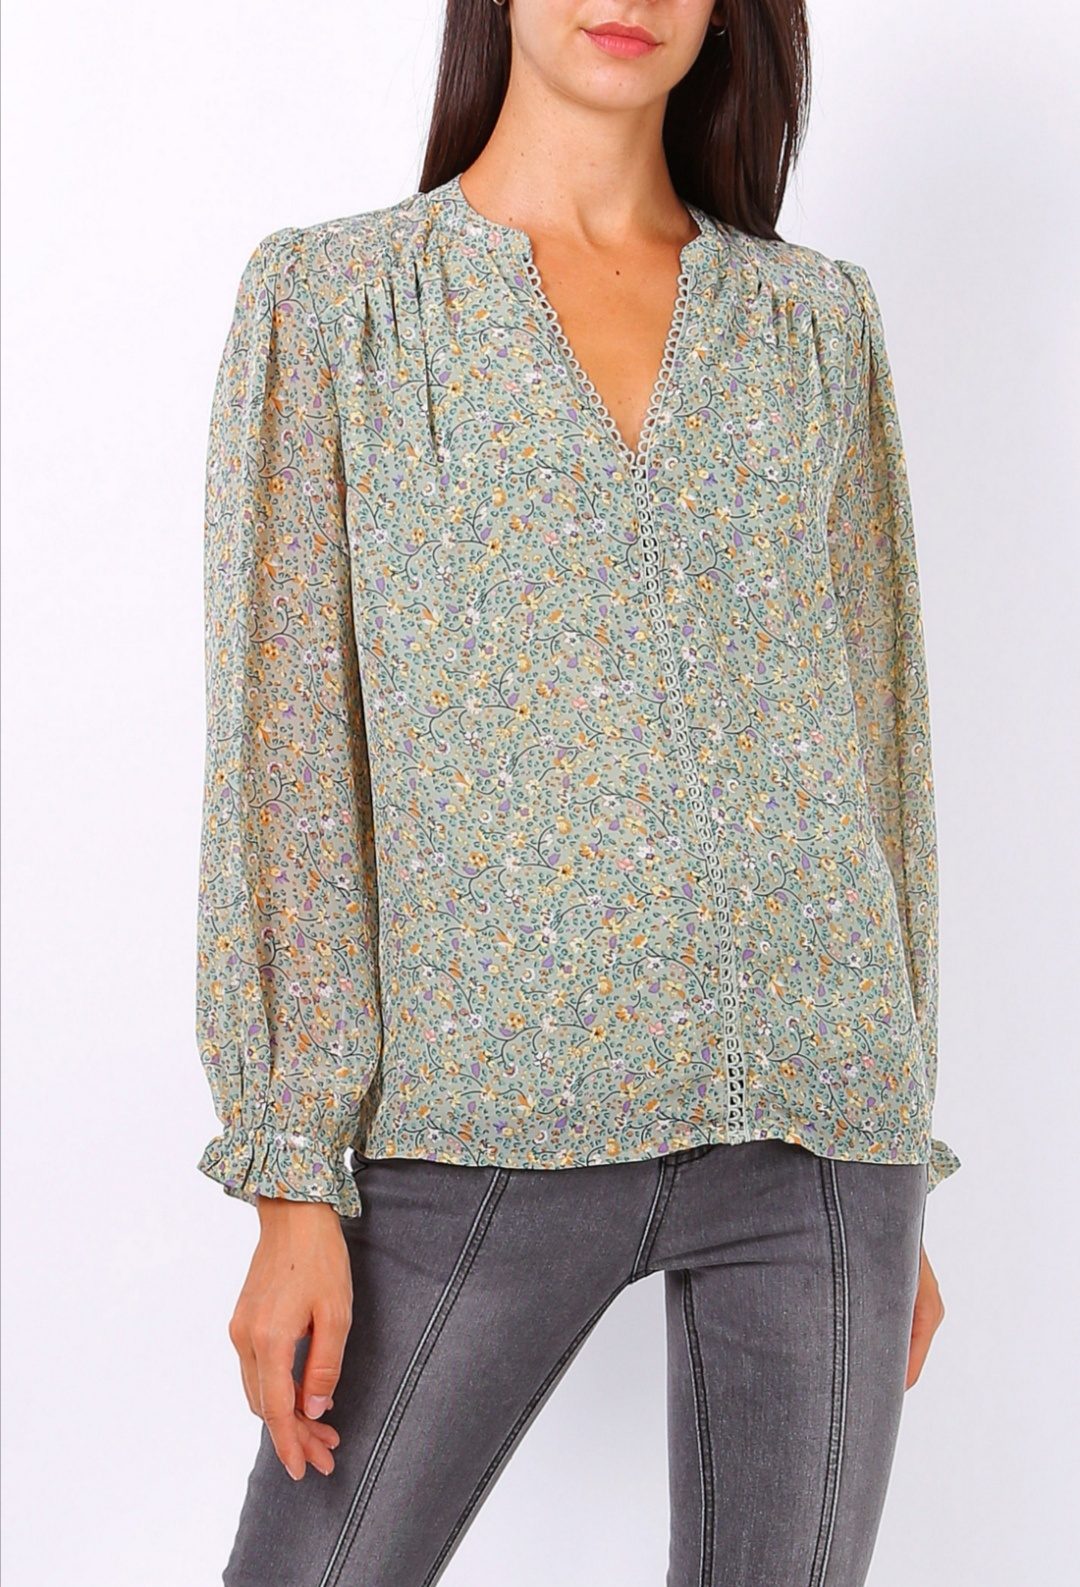 PEPITES blouse ludovique-1